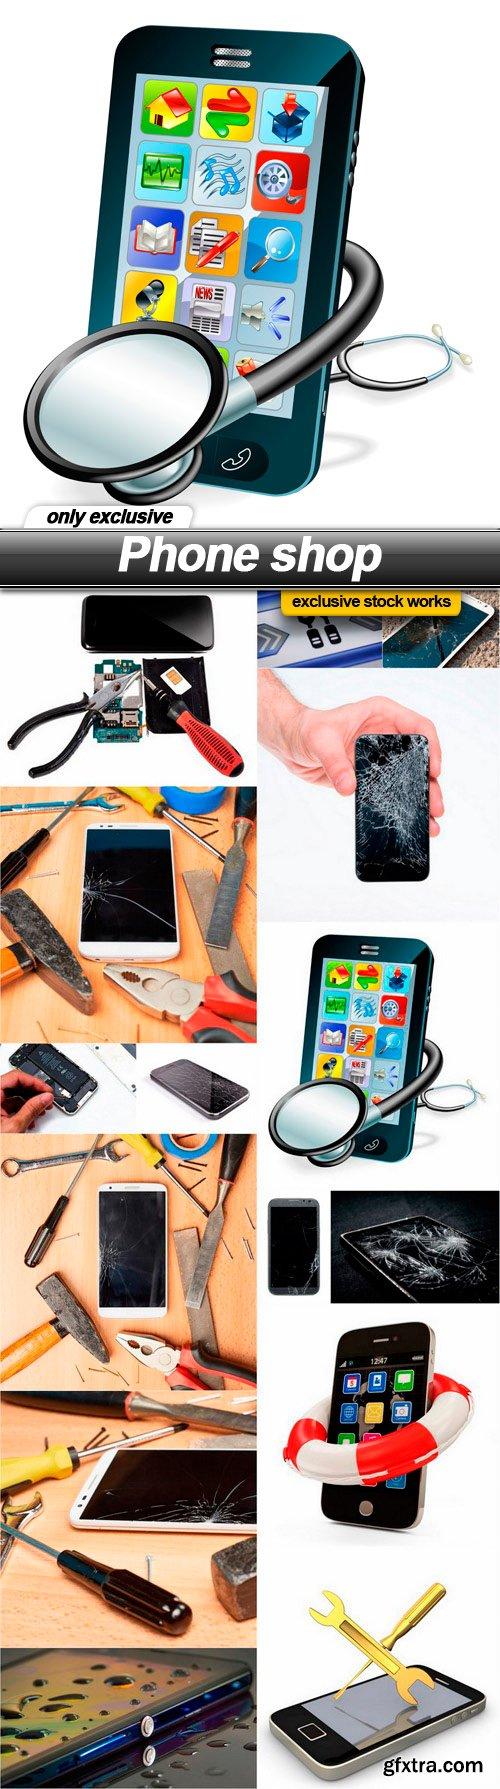 Phone shop - 15 UHQ JPEG